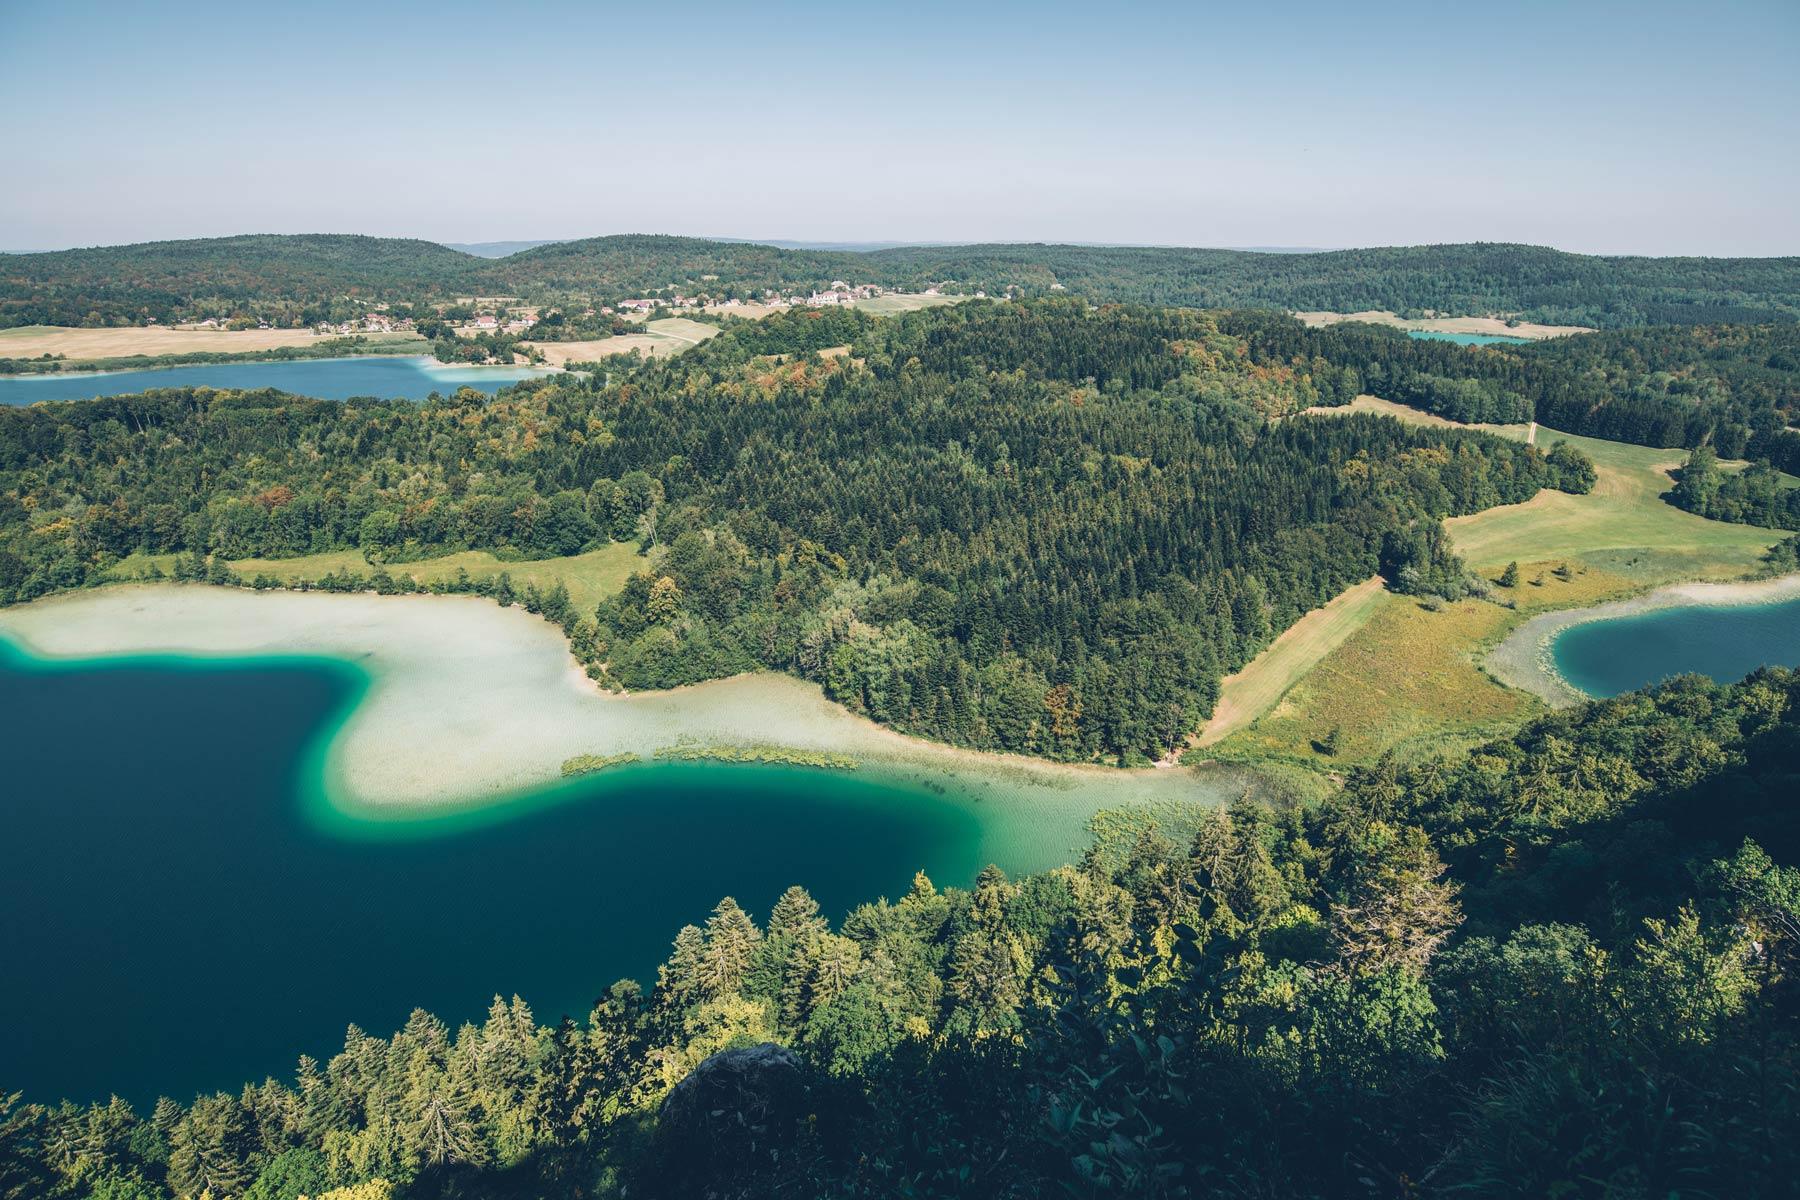 Montagnes du Jura, Belvédère des 4 lacs